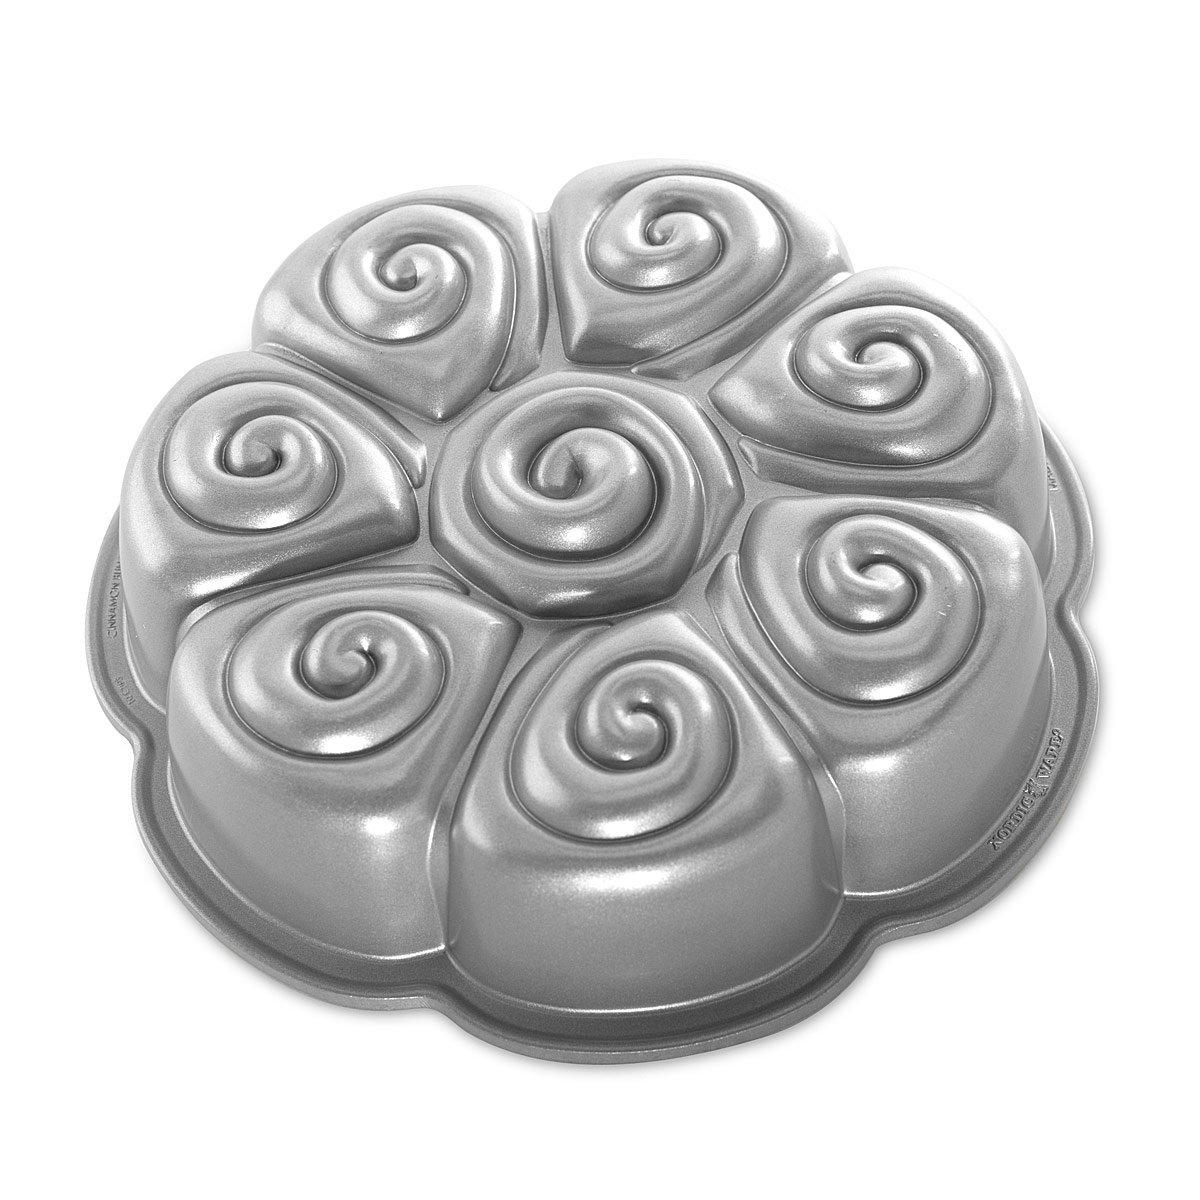 Cinnamon Bun Pull Apart Pan Cinnamon Bun Pan Baking Pan